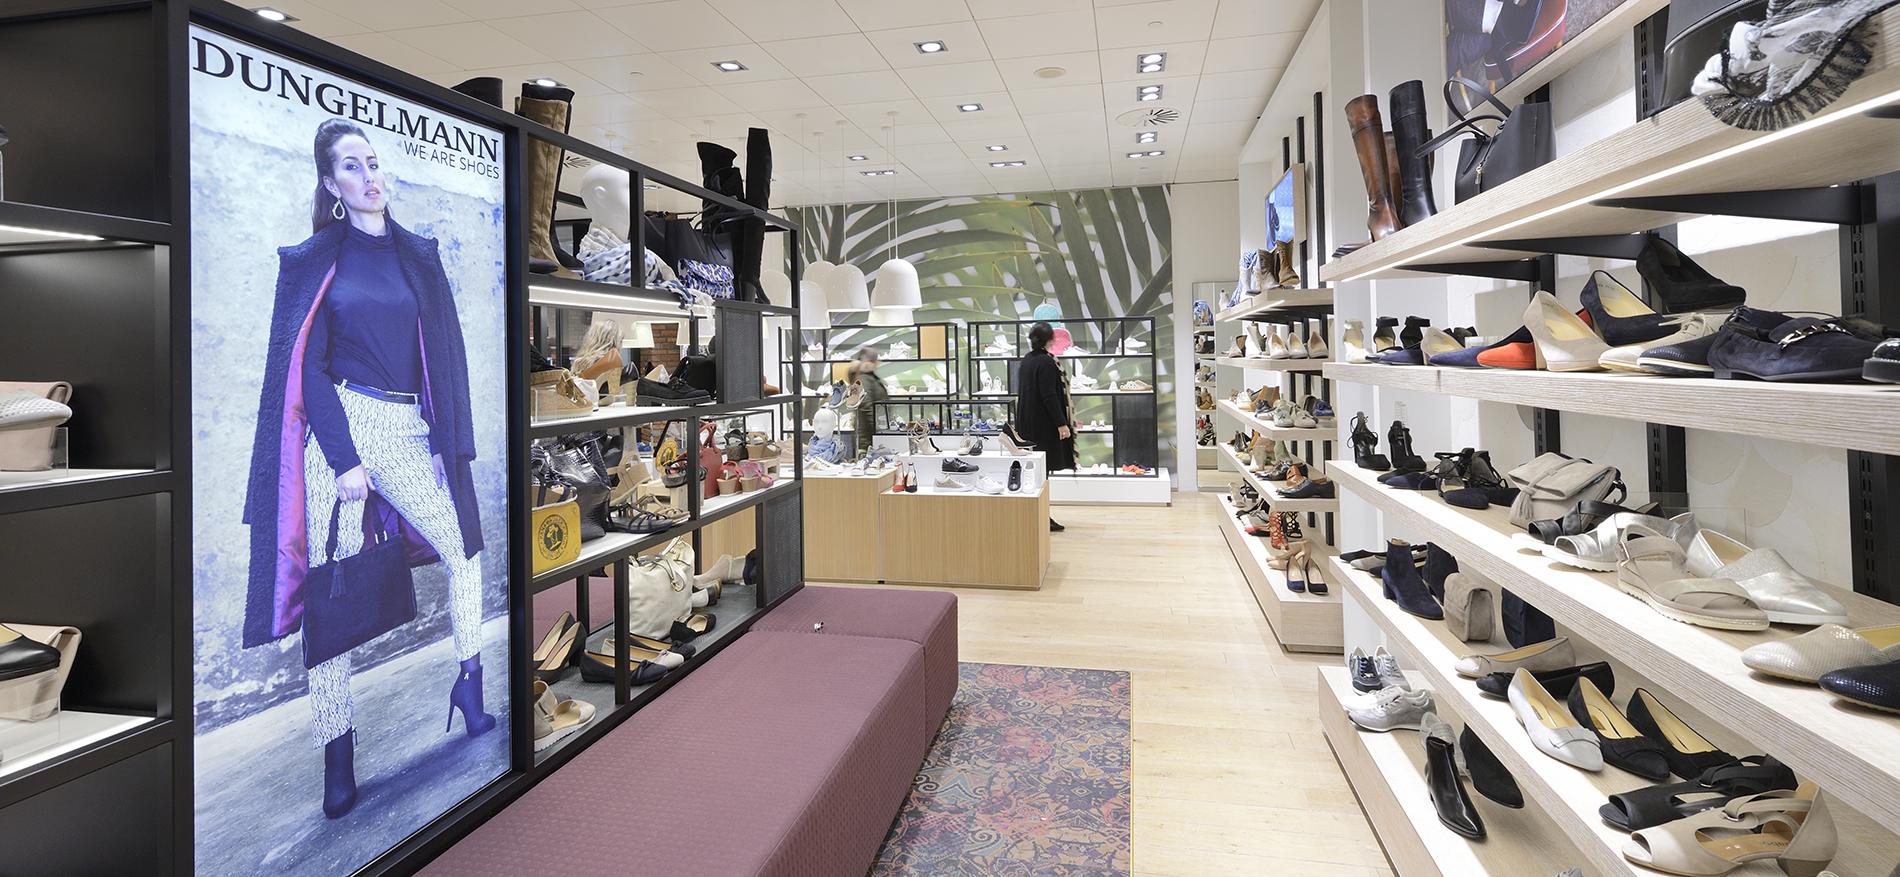 Shop in shop einrichtung dungelmann schoenen und berden mode for Shop einrichtung